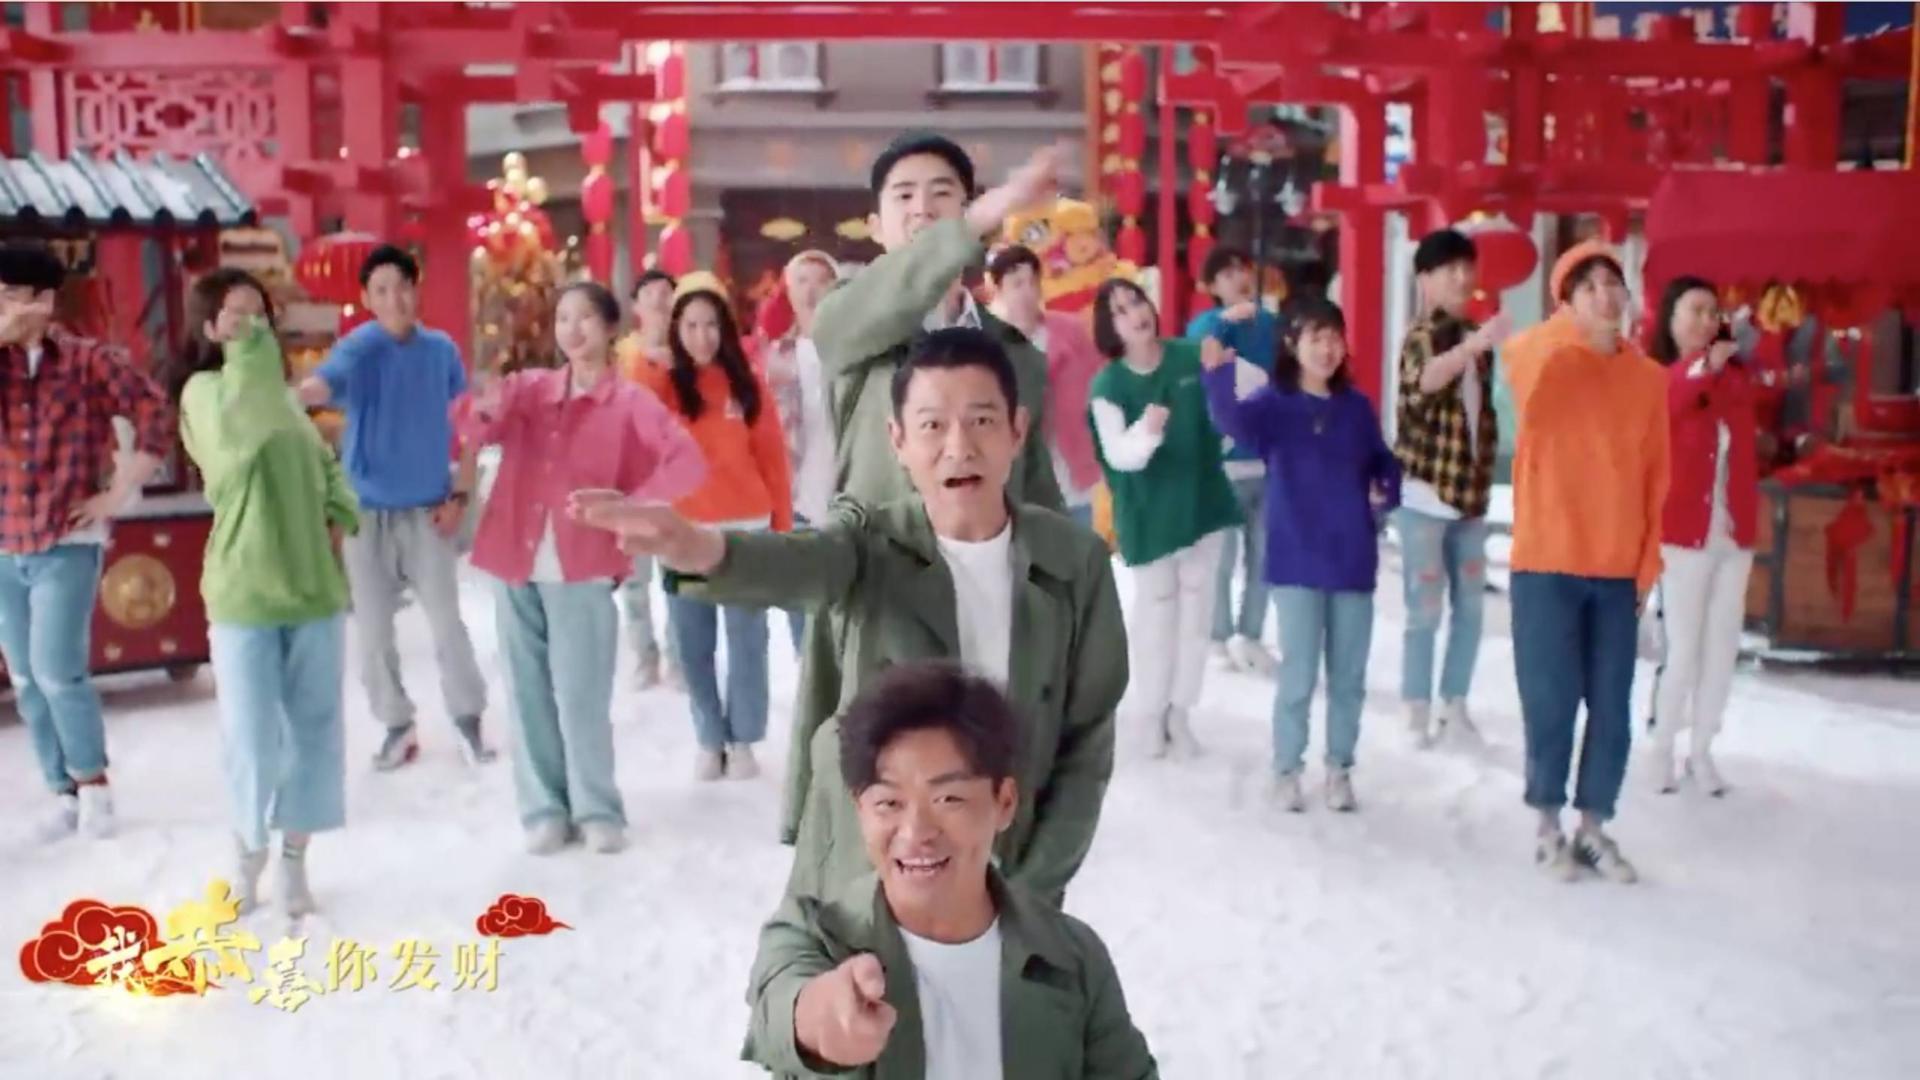 《唐人街探案3》 刘德华王宝强刘昊然《恭喜发财2020》MV